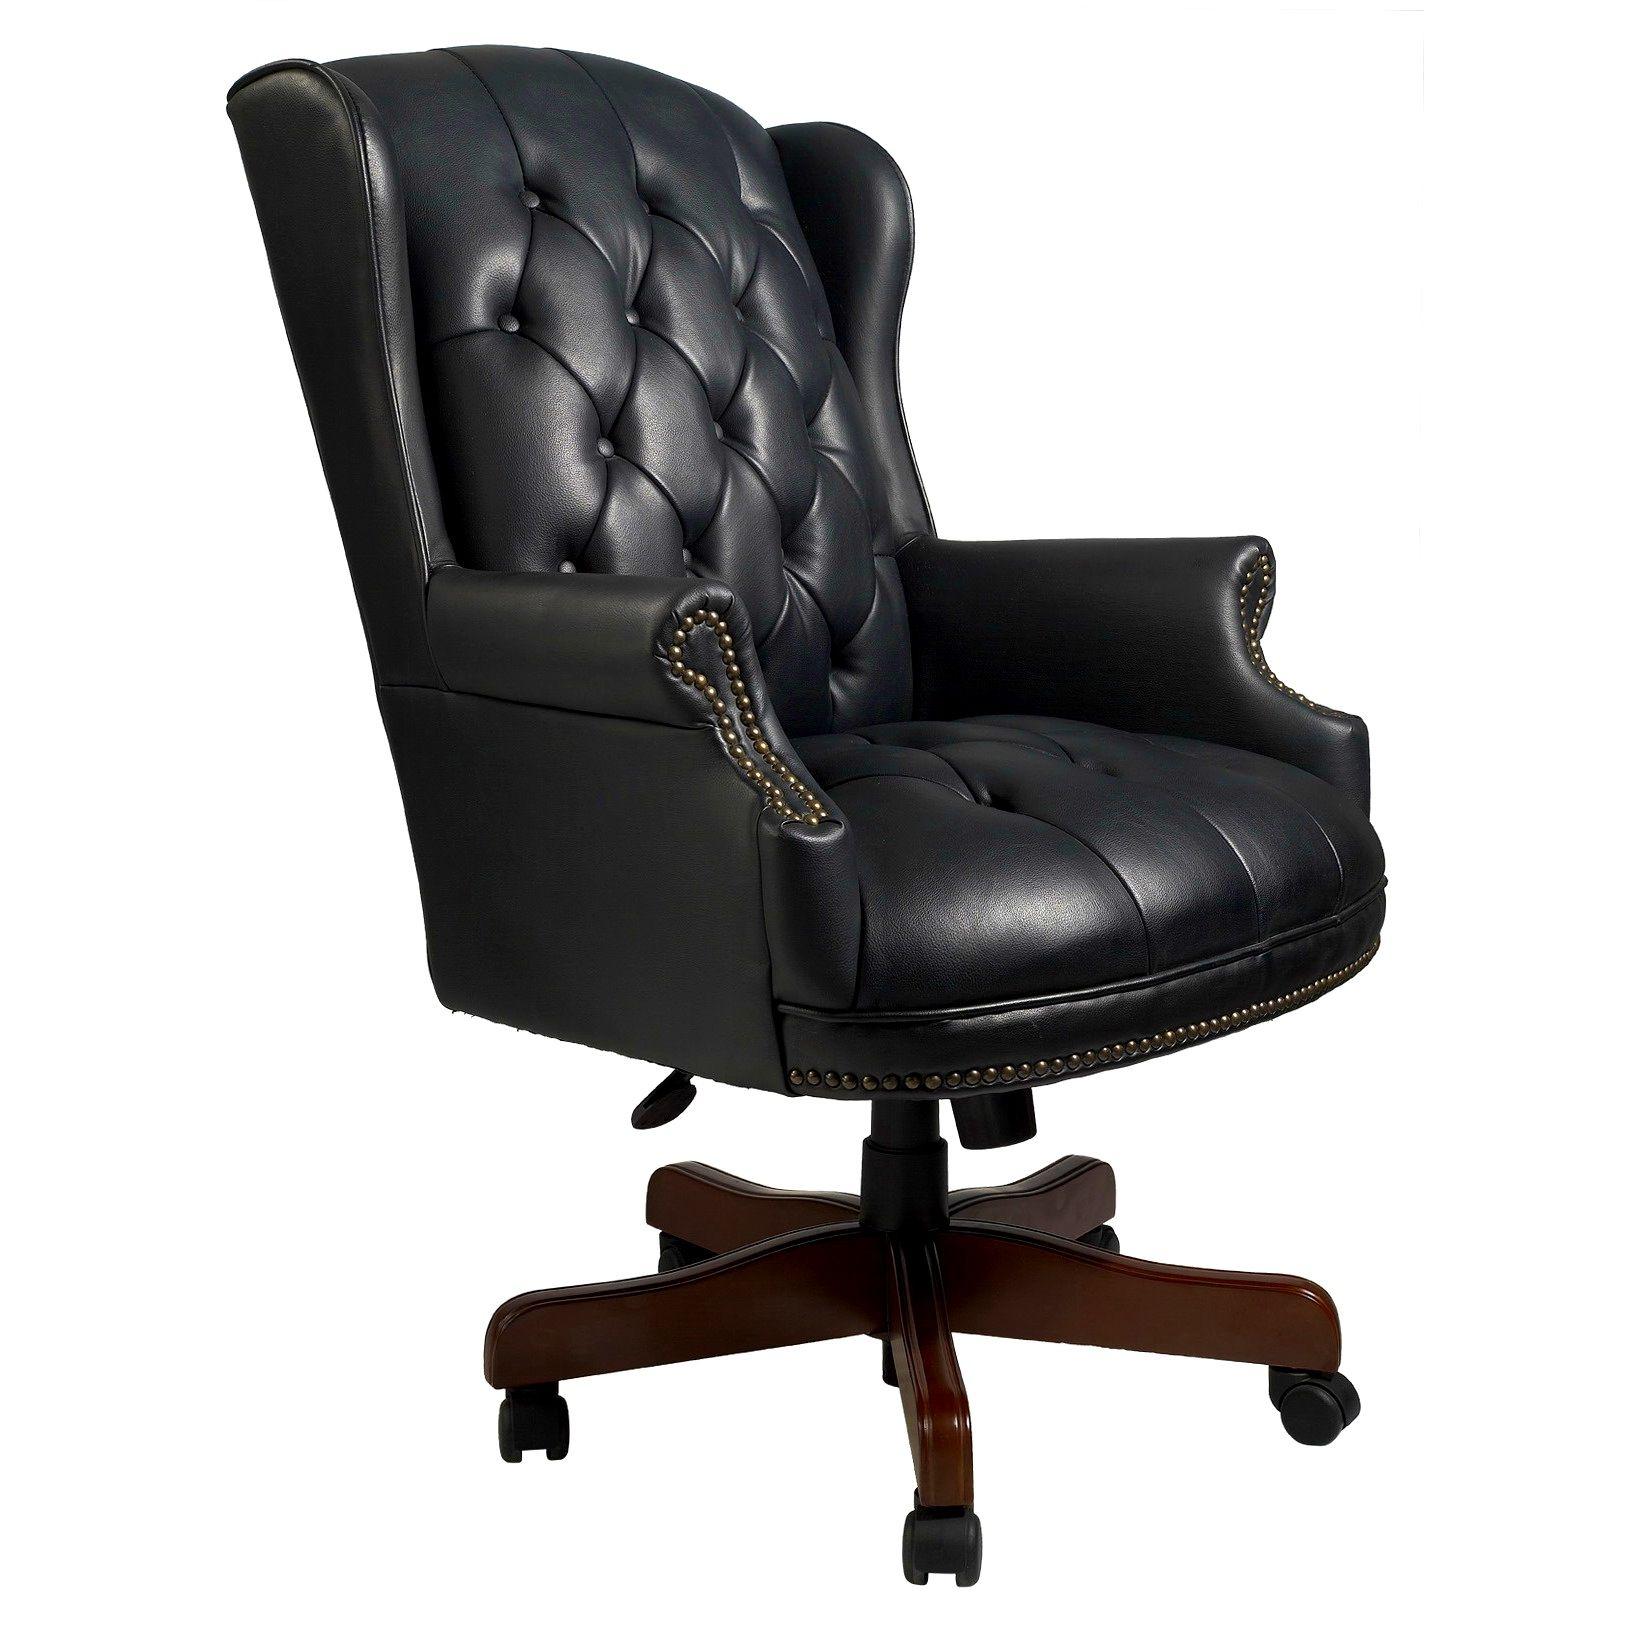 Super Padded Office Chair  sc 1 st  Pinterest & Super Padded Office Chair | http://productcreationlabs.com | Pinterest